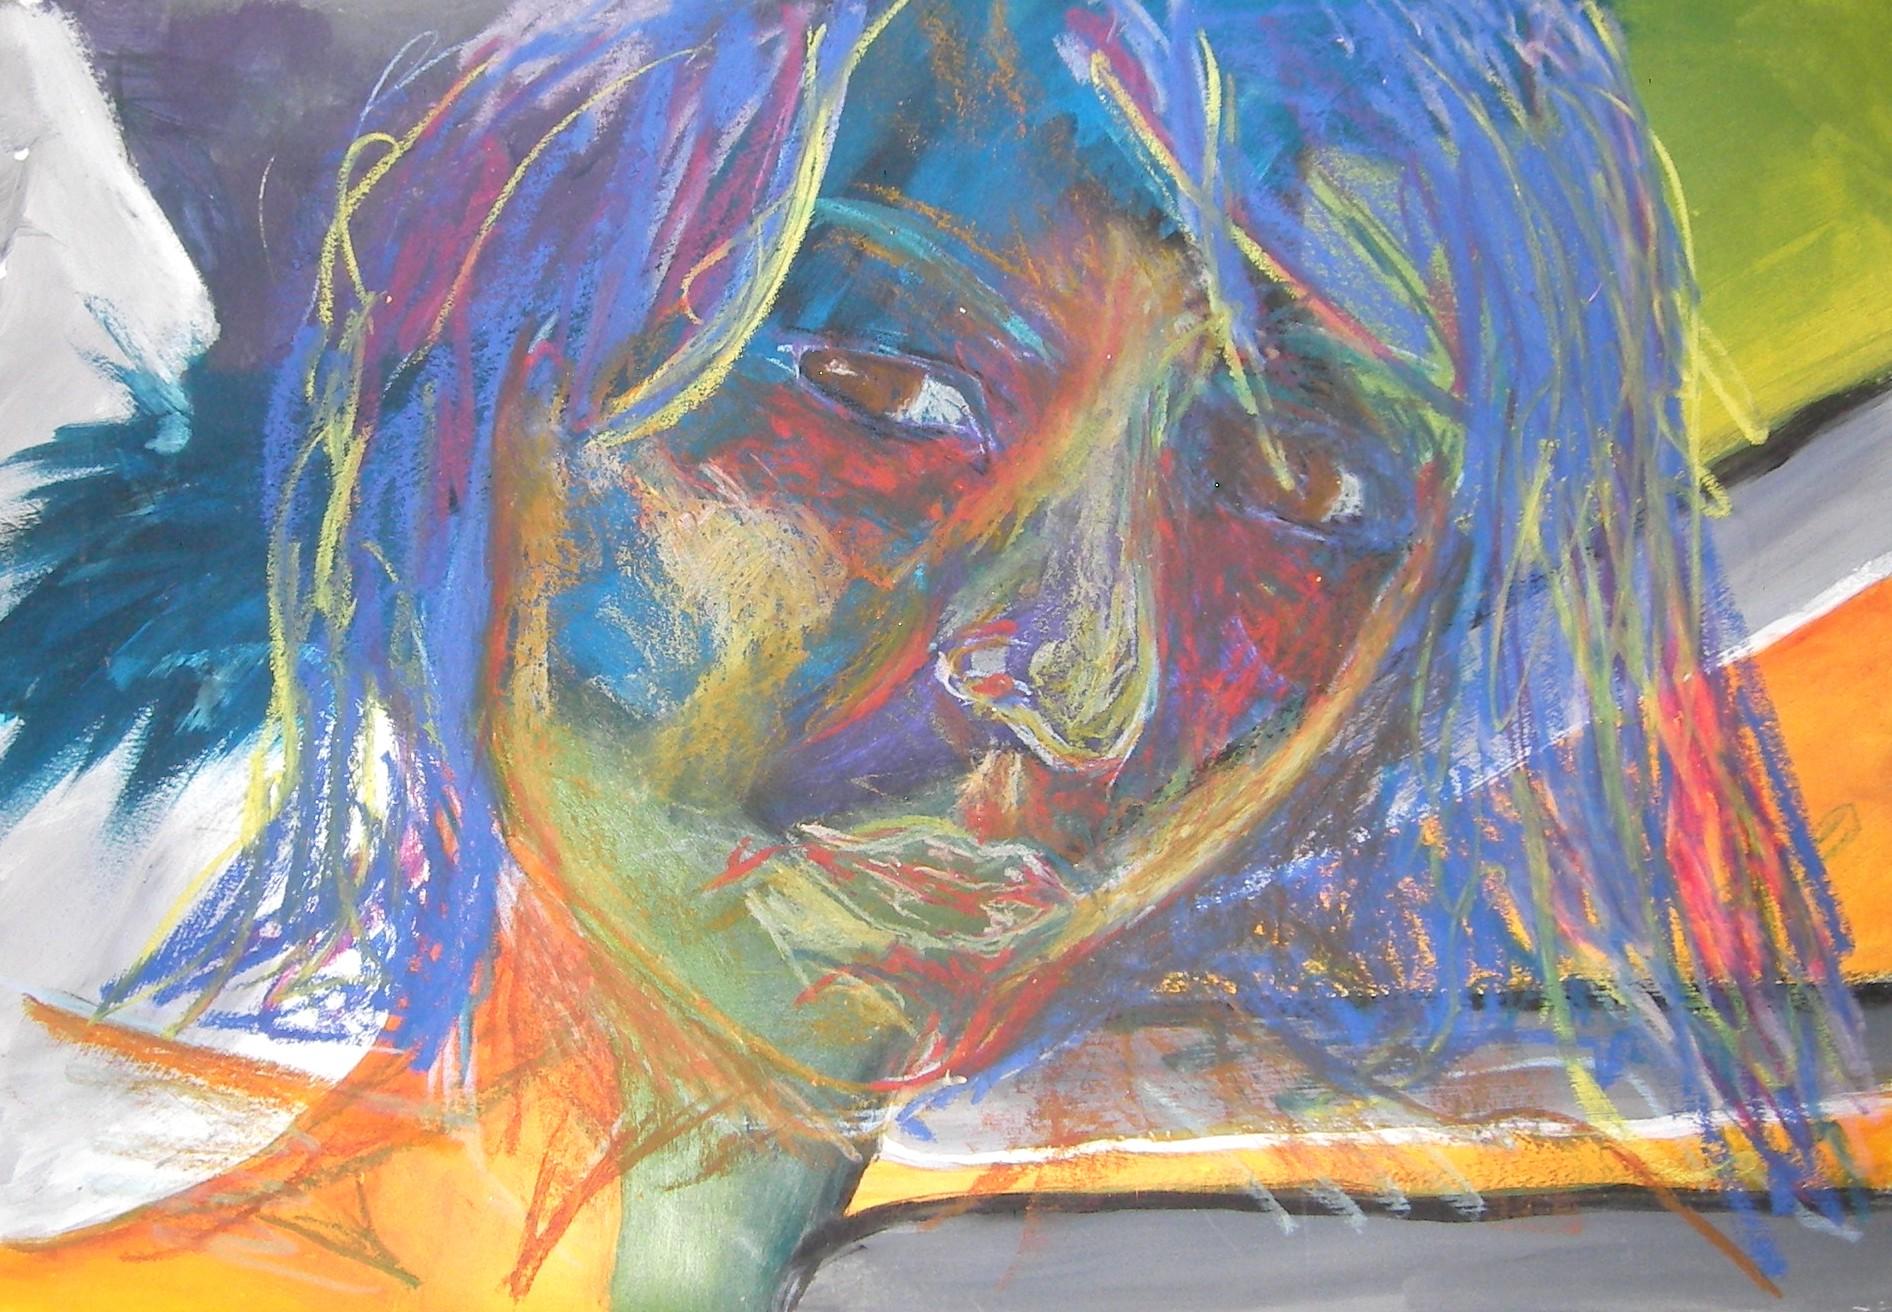 Die Weidener Künstlerin Sandra Hosol (Atelier Roschau) ist bei der Ahoj-16-Kunstprozession u. a. mit ihrem Portrait-Triptychon vertreten. Foto: Atelier Roschau